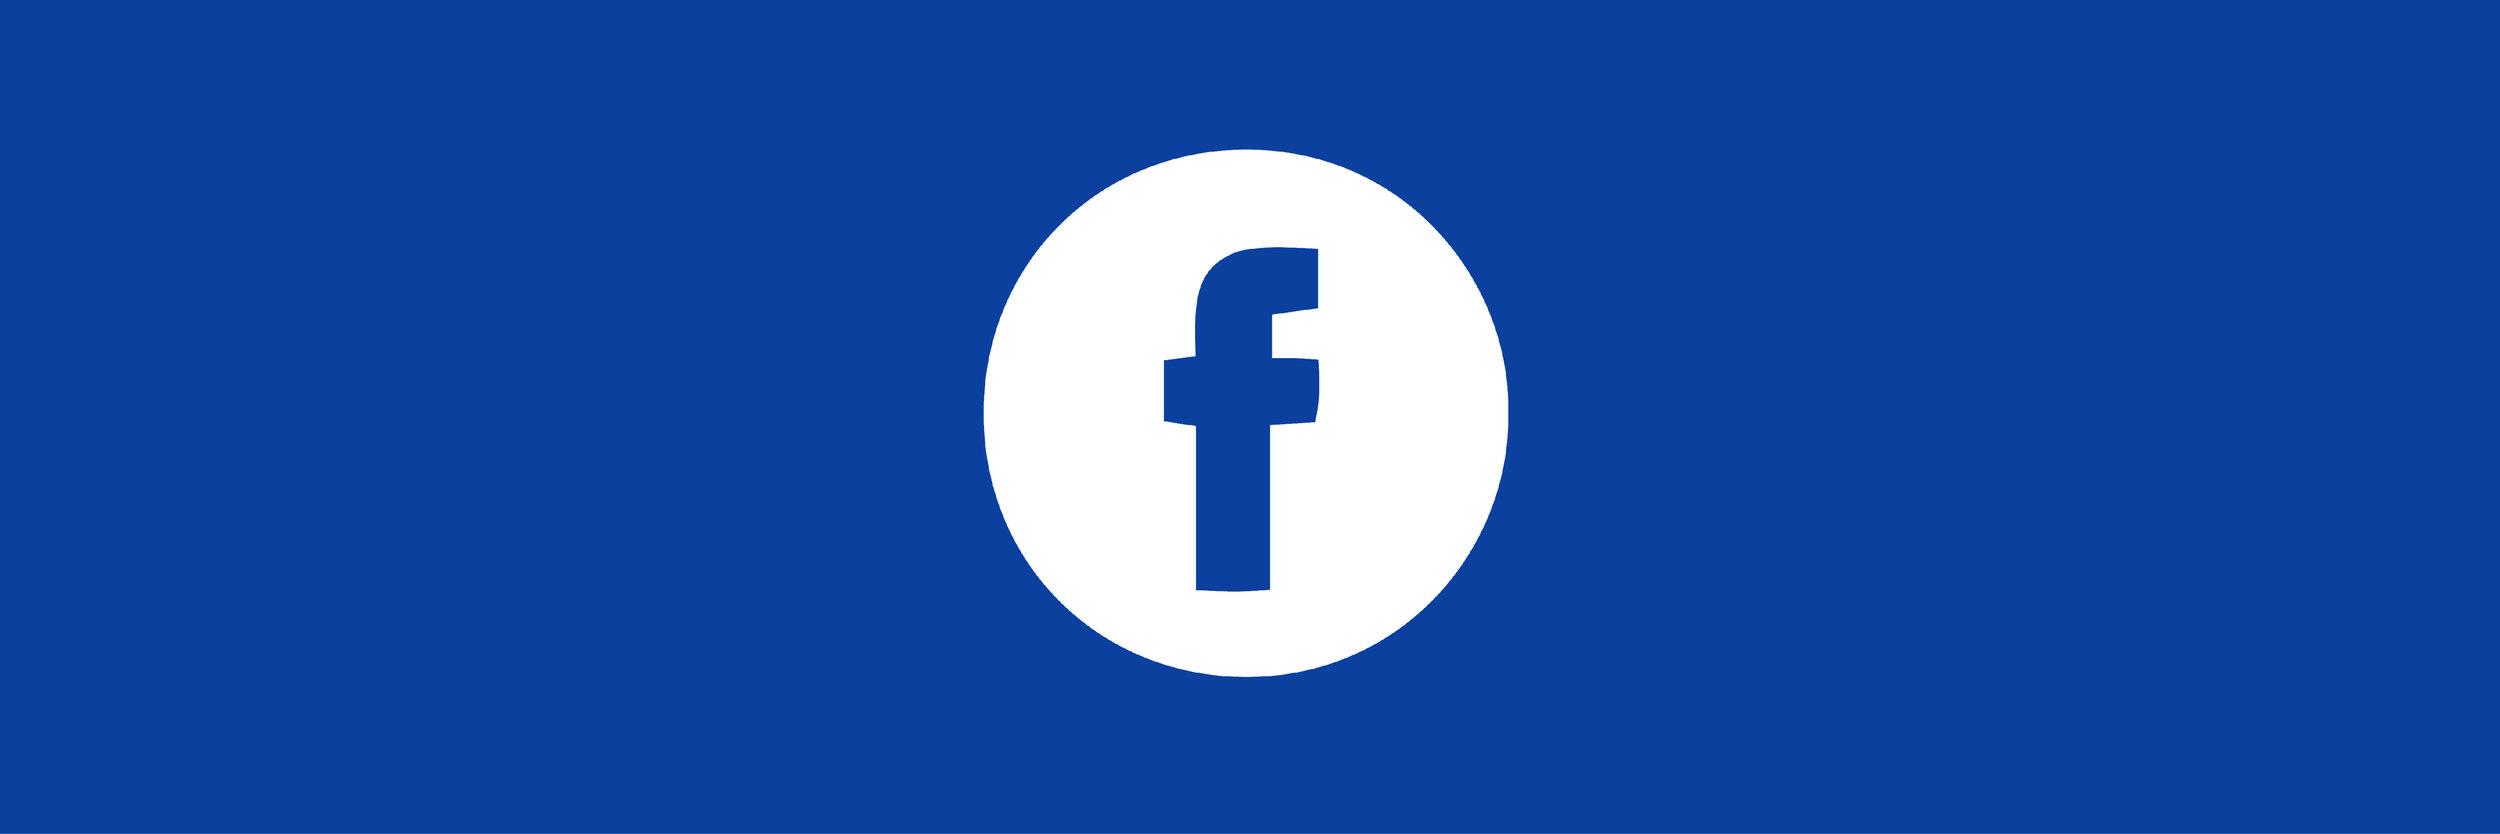 Facebook Link -01.jpg